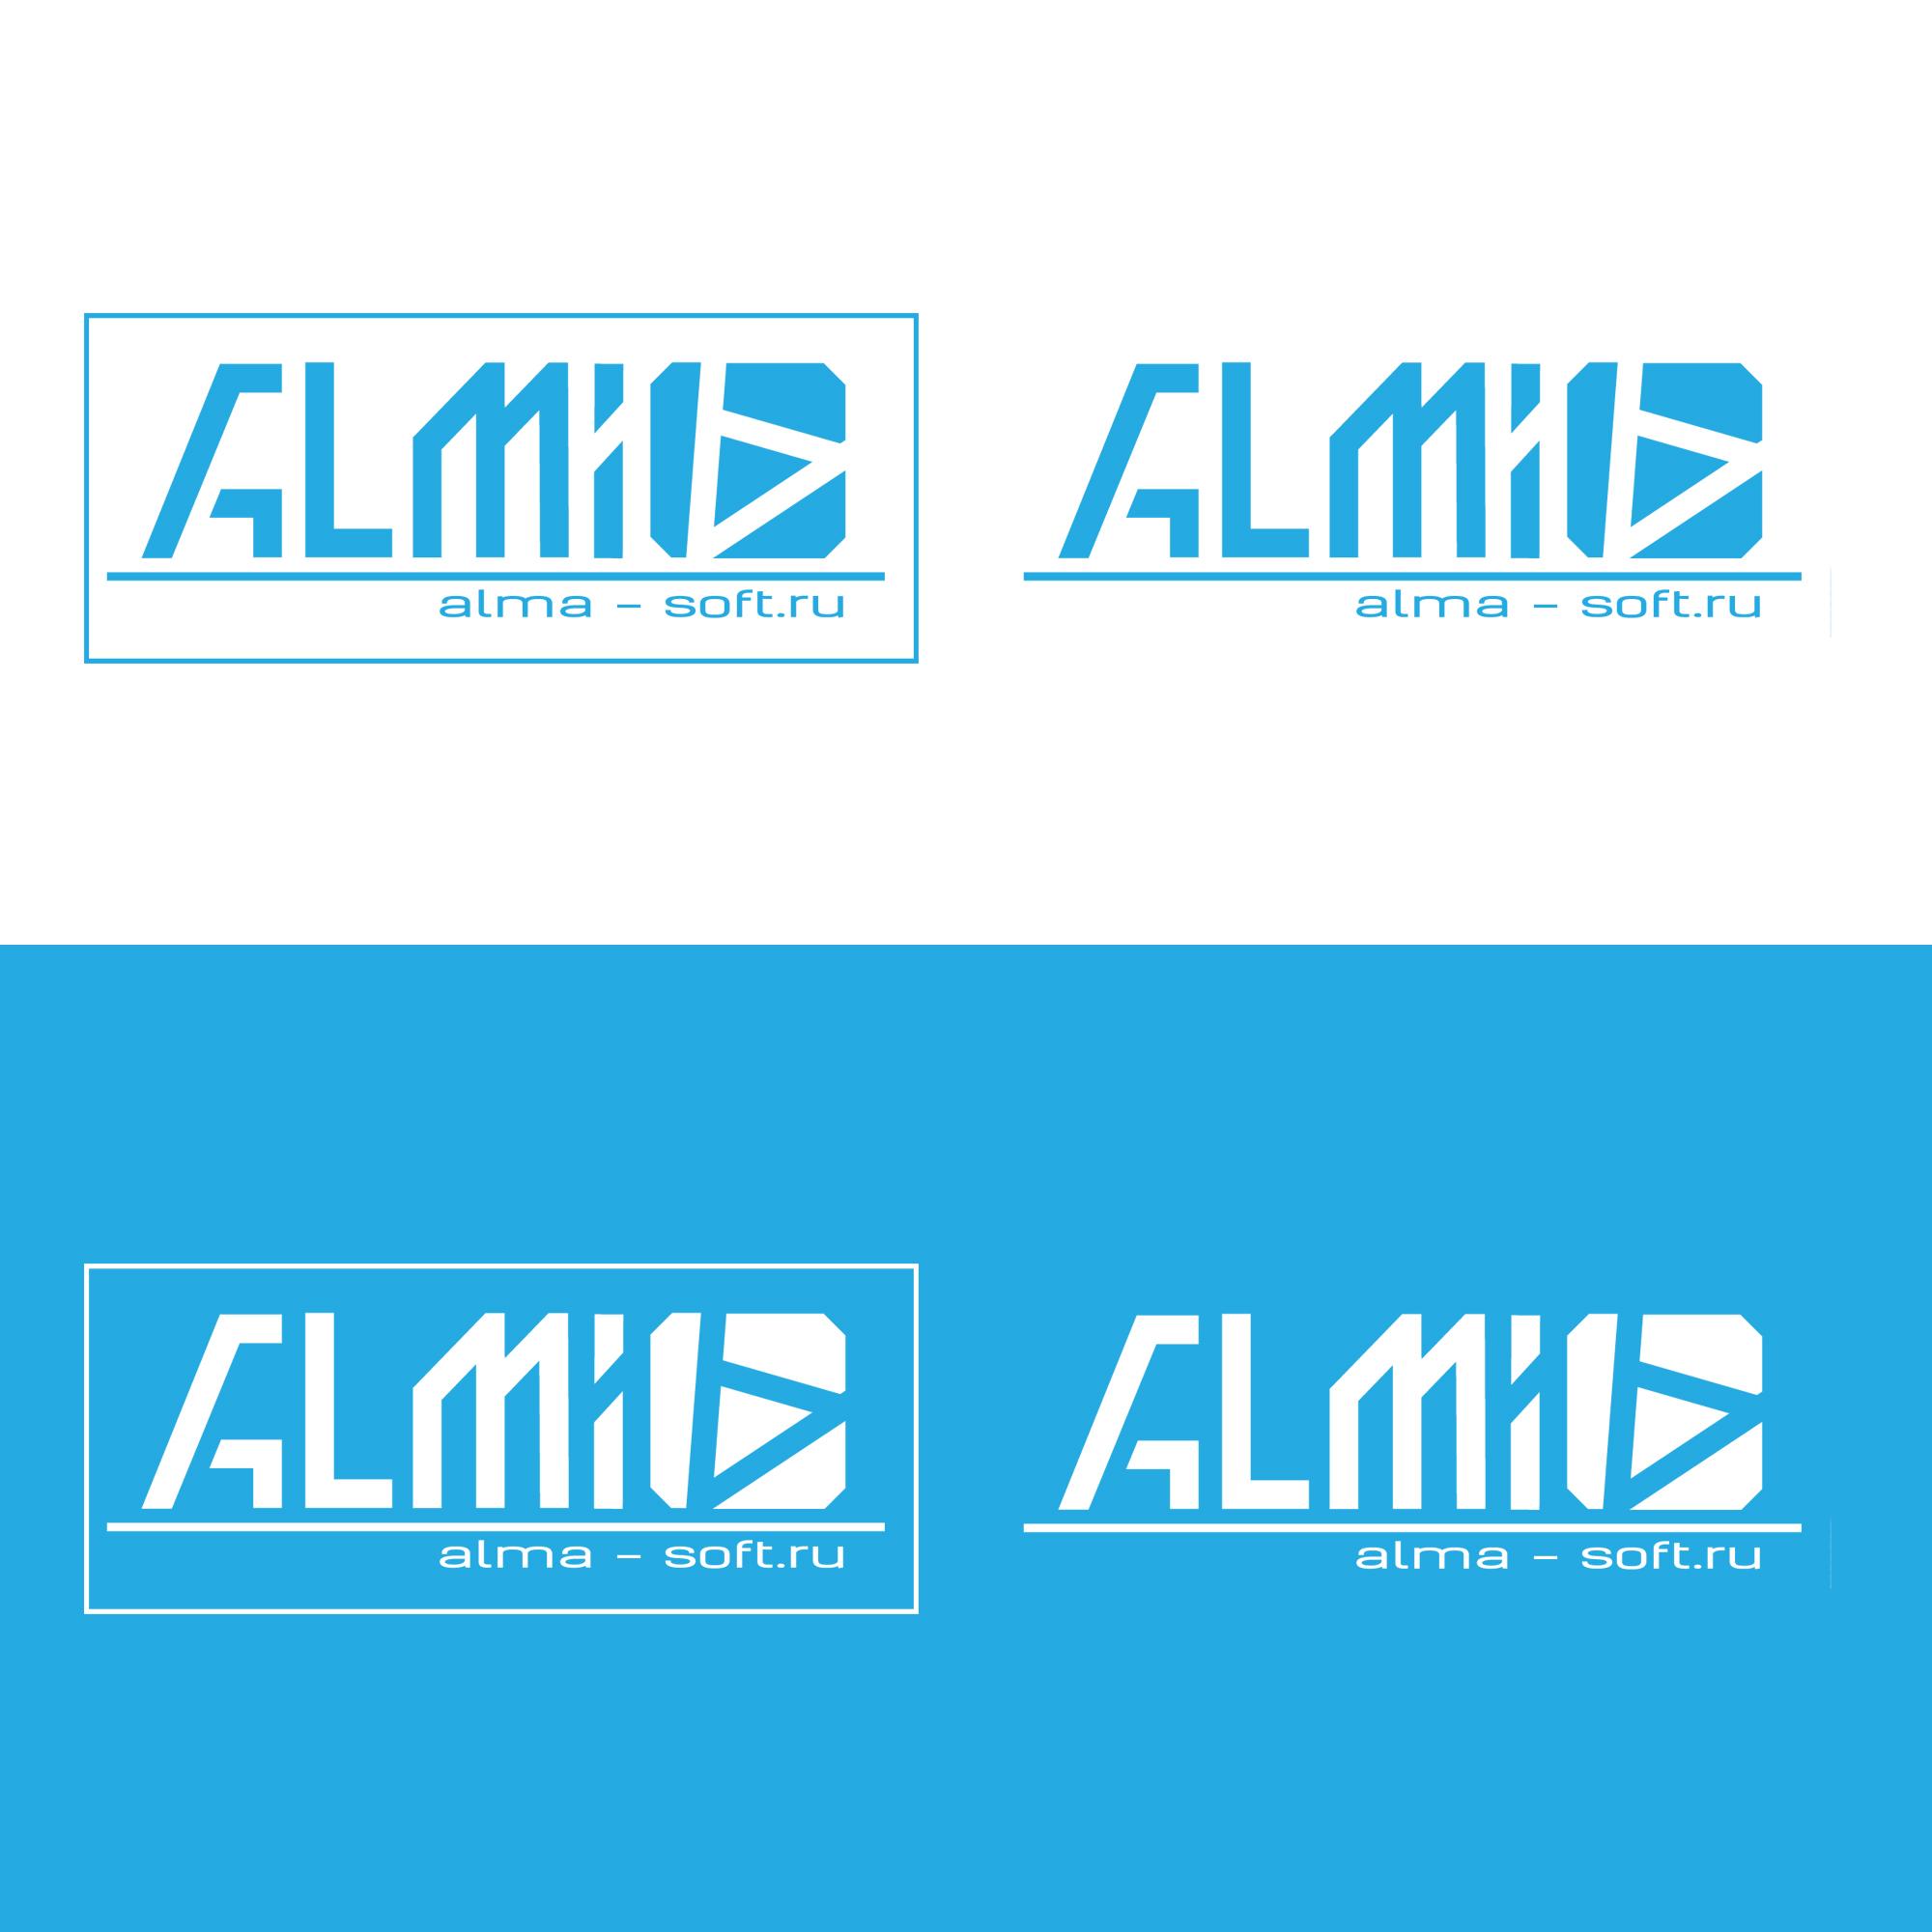 Разработка логотипа и фона фото f_949599834bb0fcd1.jpg